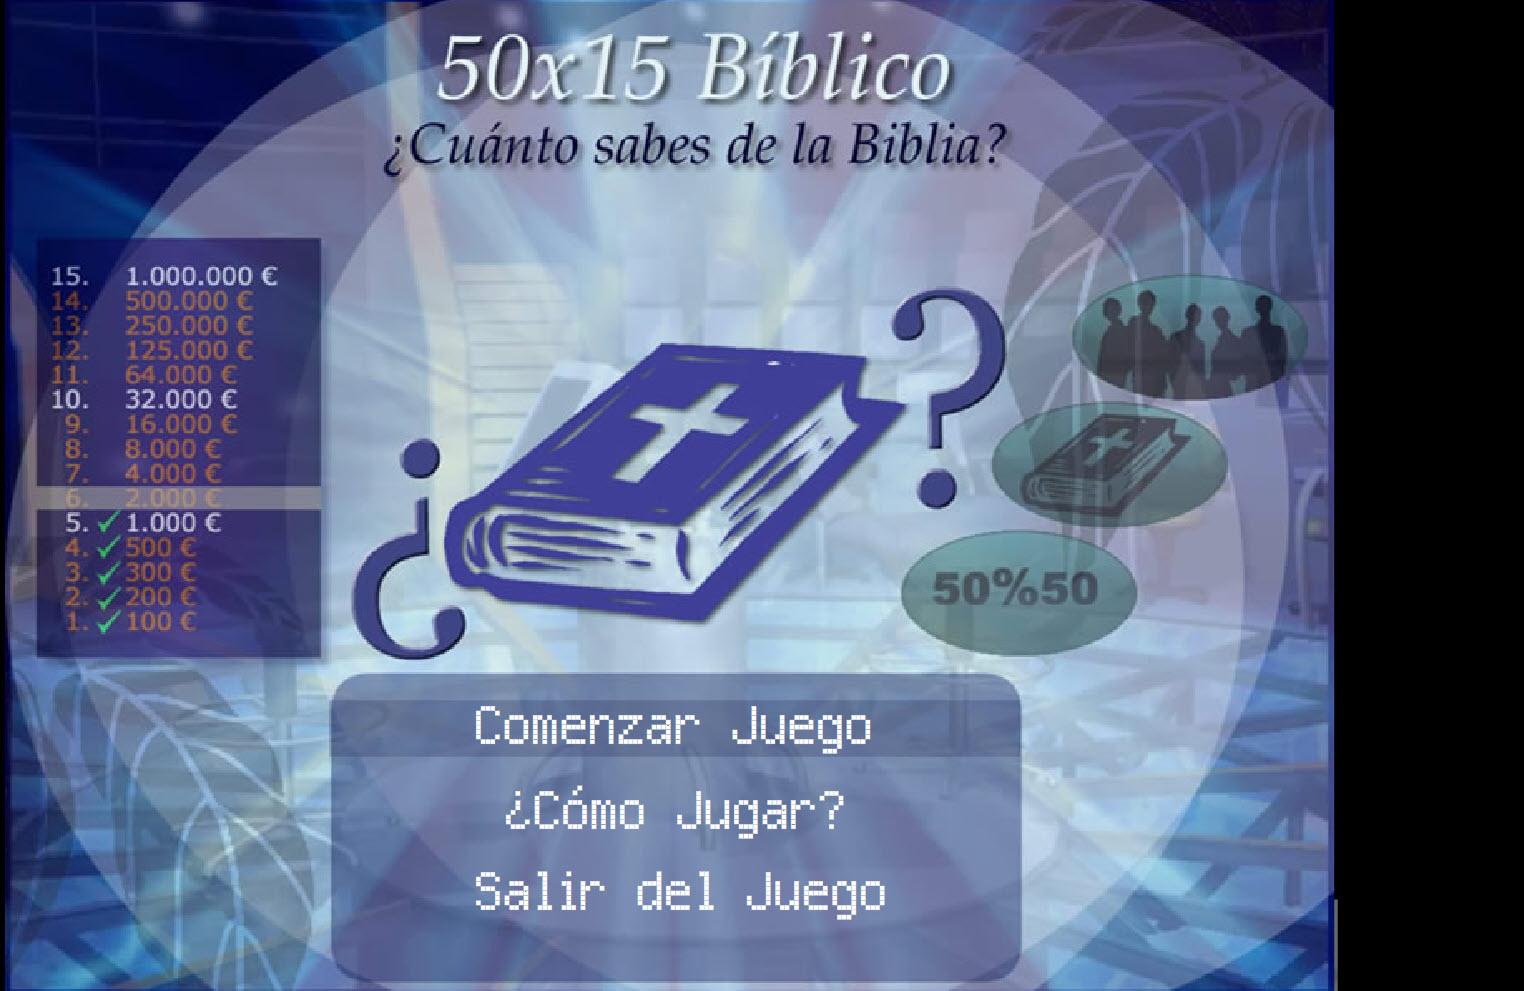 Juego gratis para interesados en la Biblia (50X15 BIBLICO)